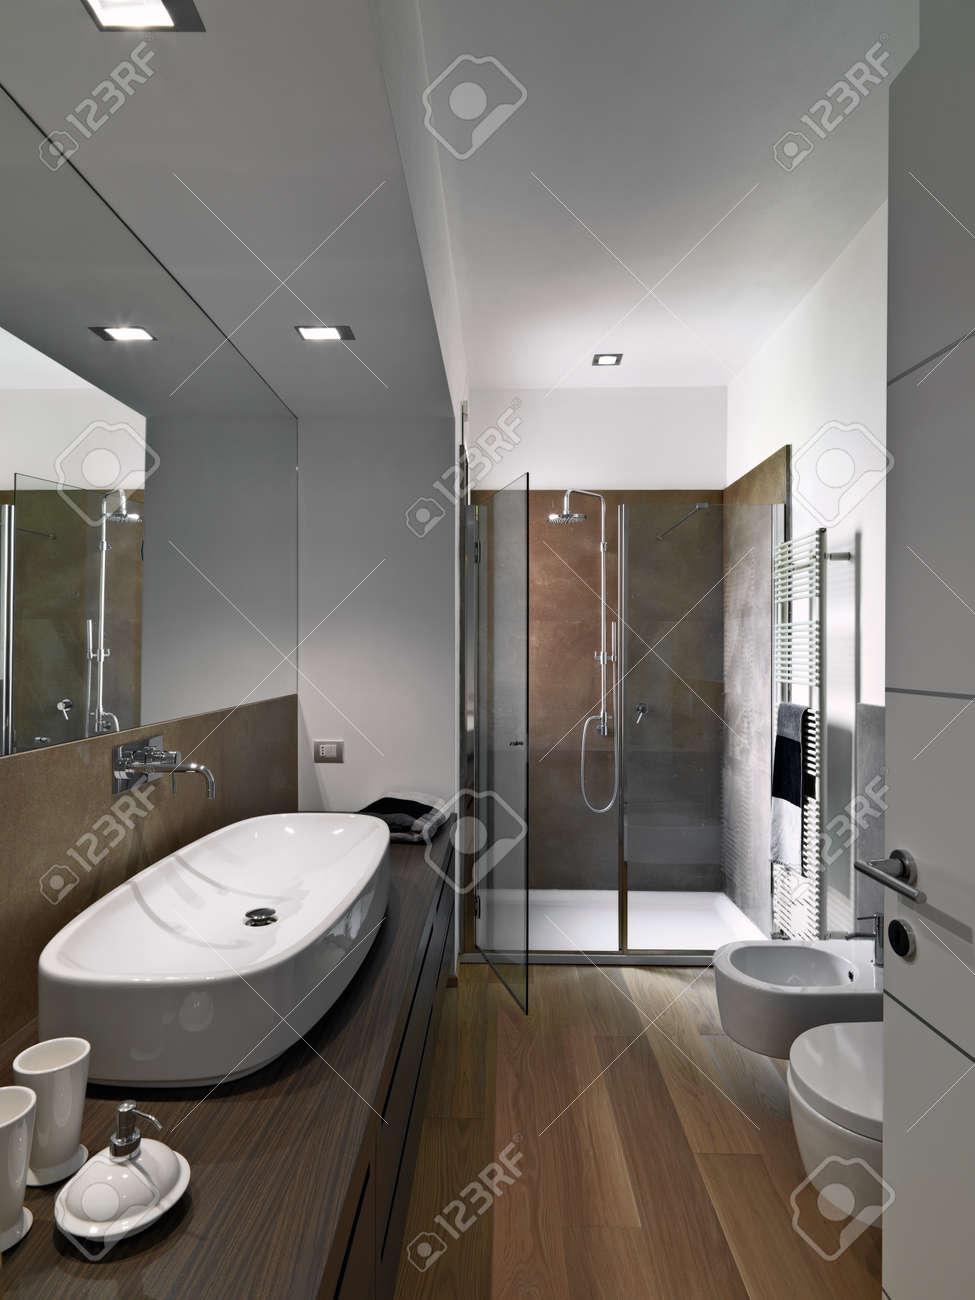 Lavandini Da Bagno Moderni : Lavandini bagno moderni mobile bagno design compatto lavabo